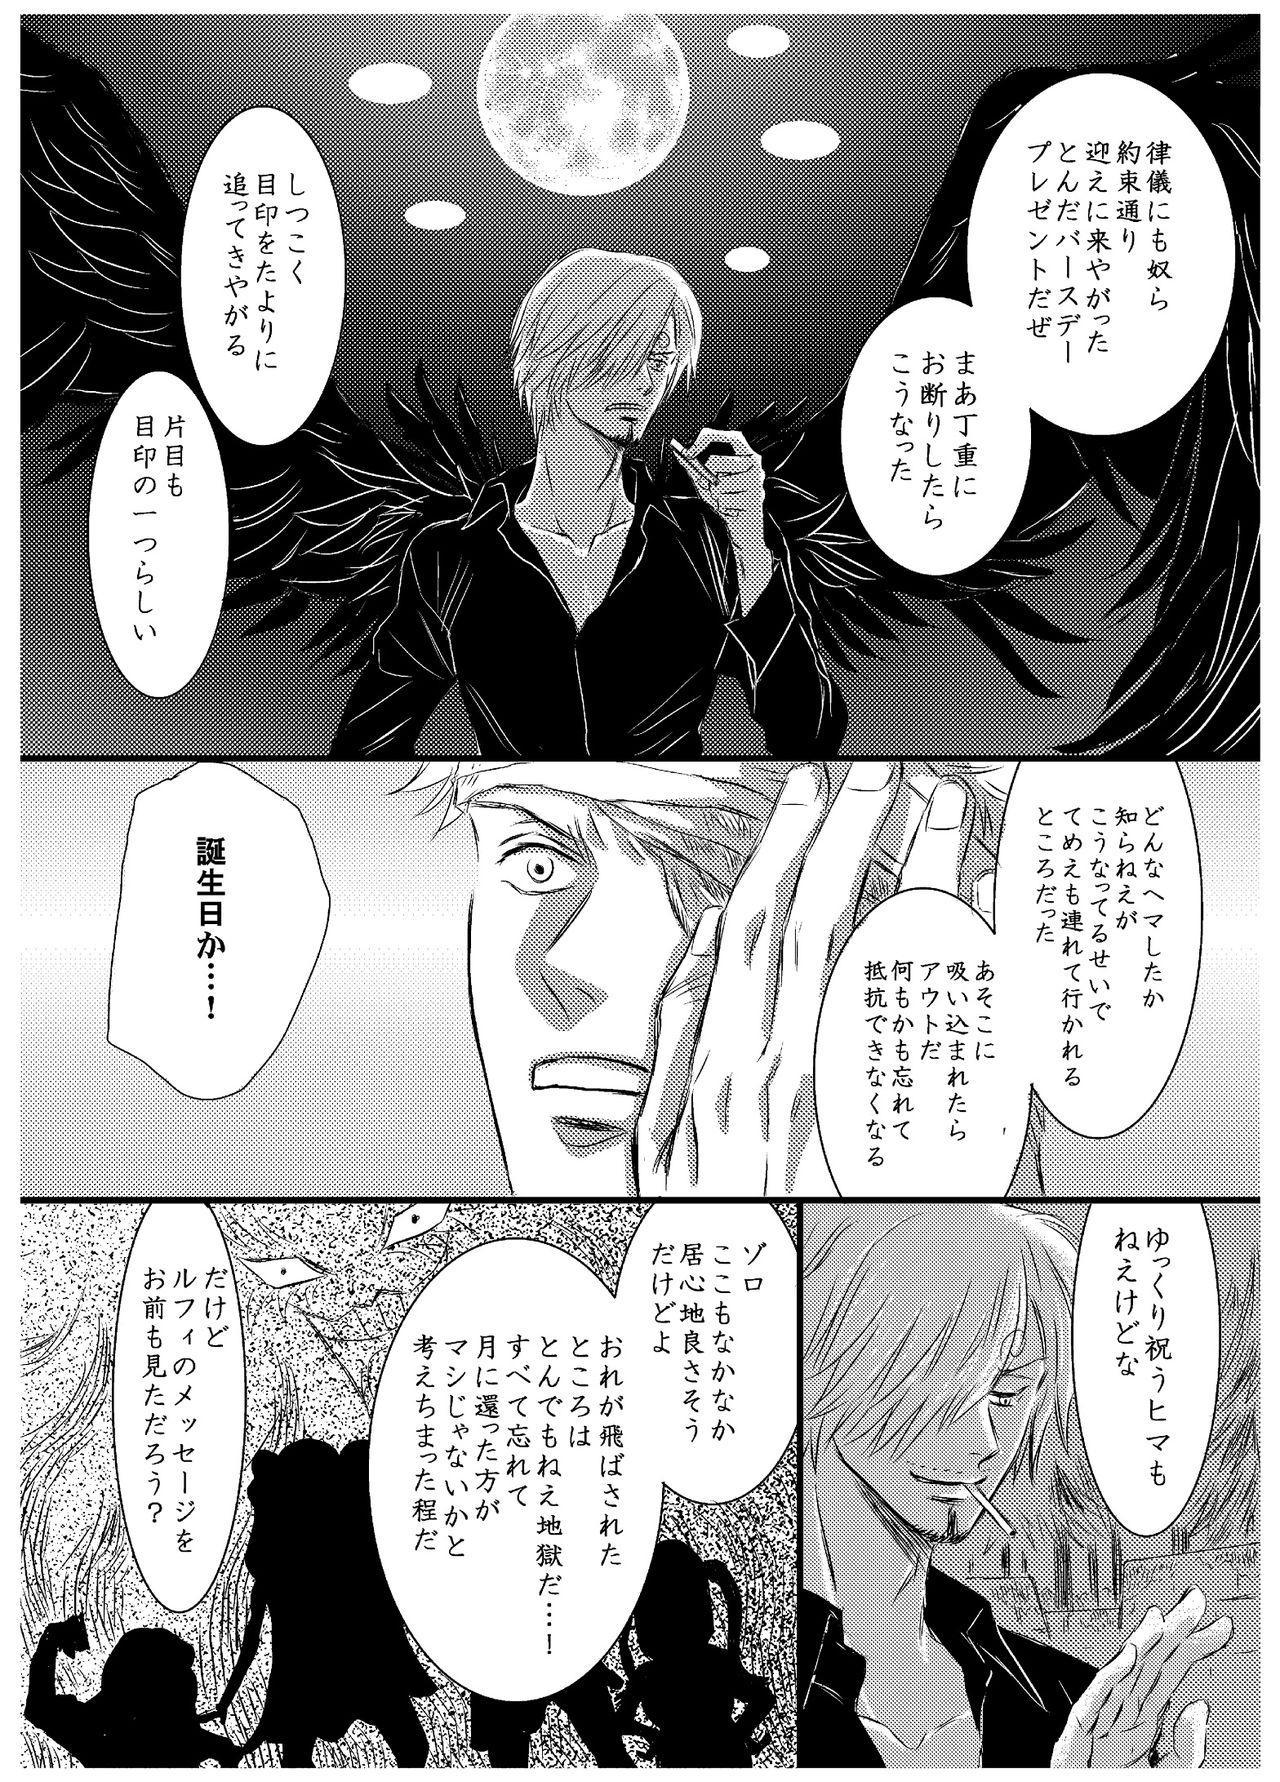 Inryoku de Hanasanai 22